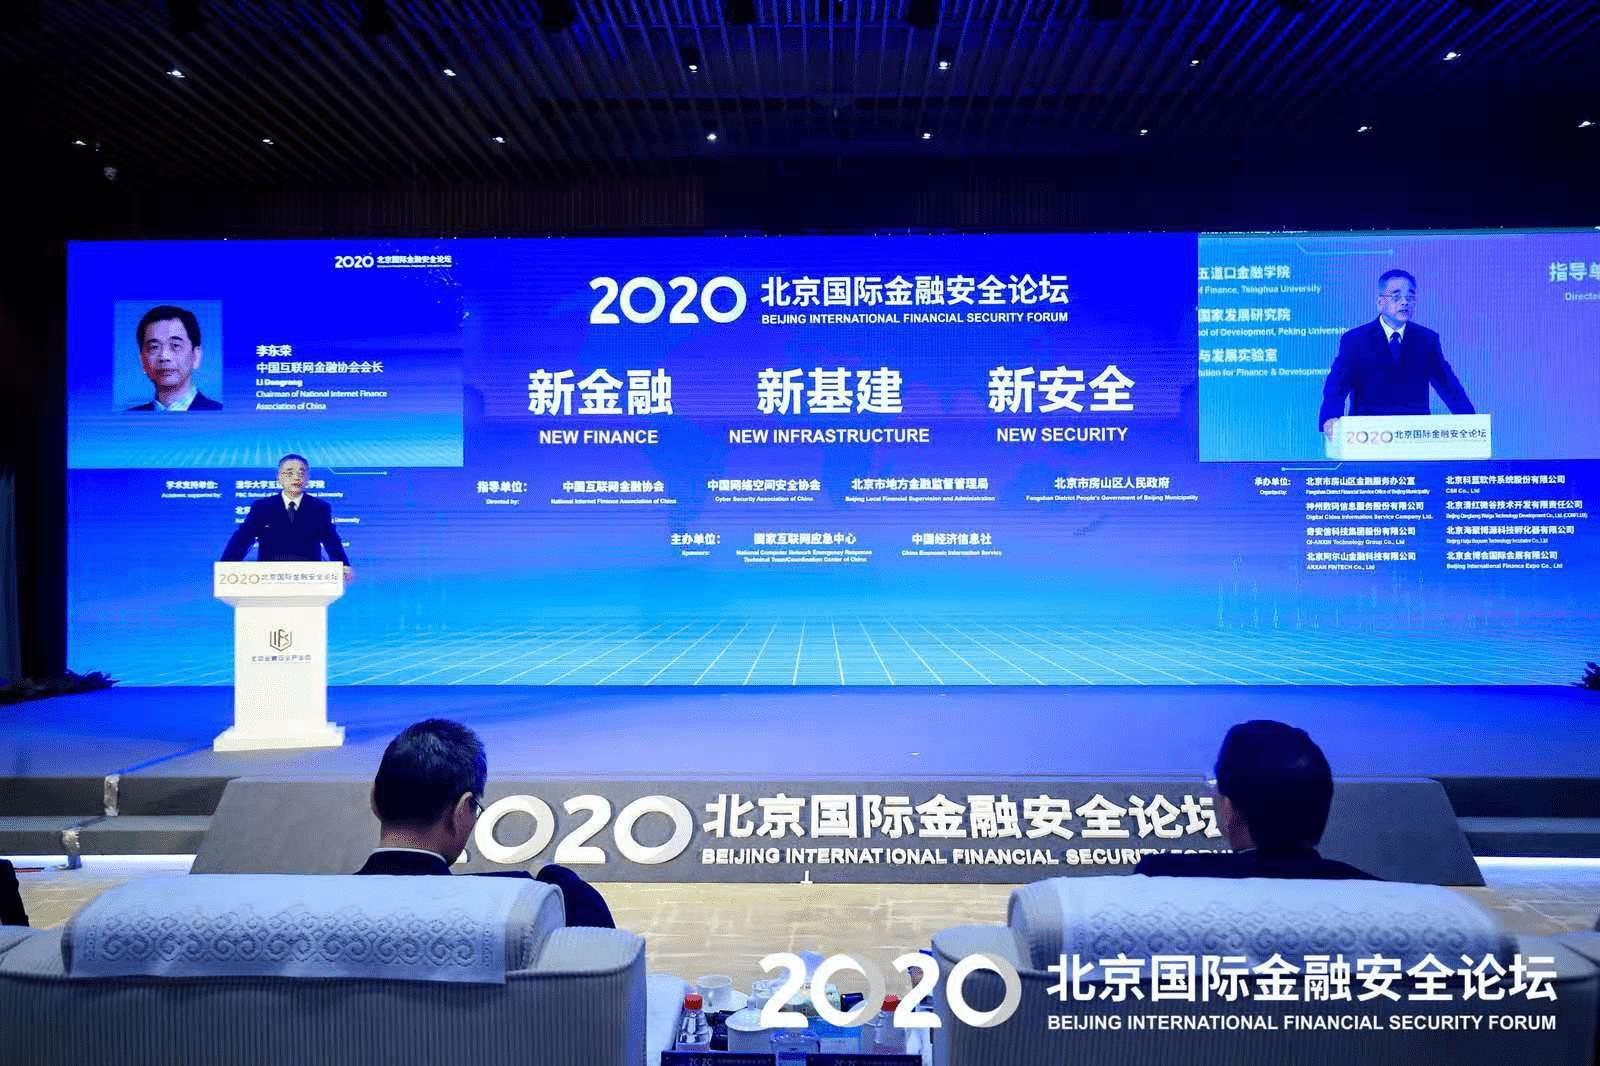 李东荣:稳妥审慎推进金融科技创新,不宜一个极端走向另一个极端